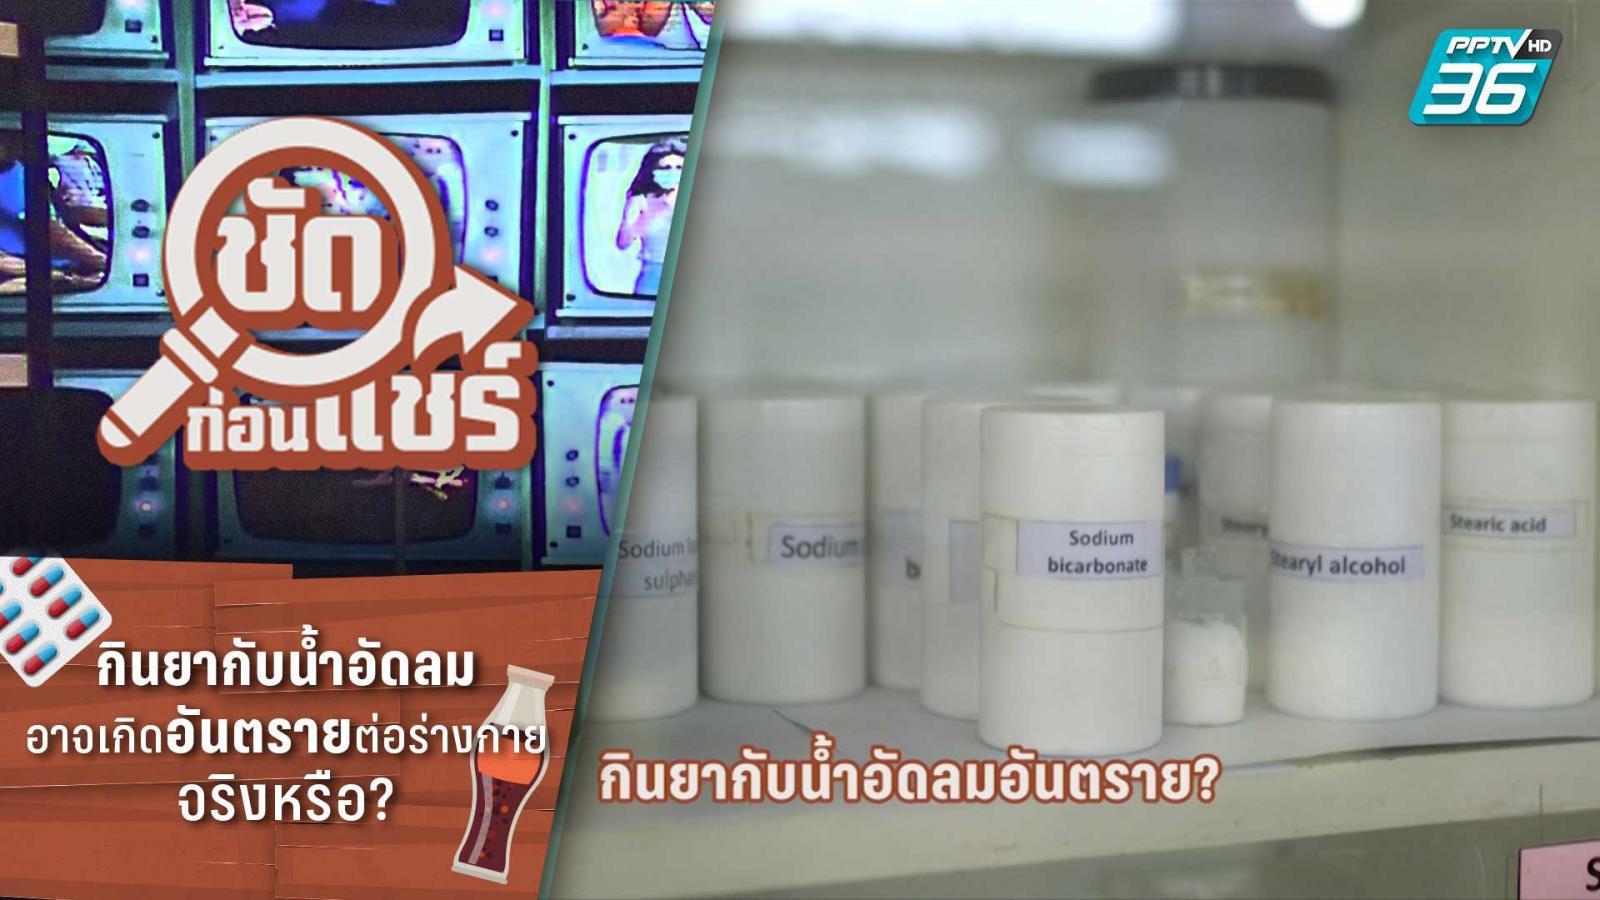 ชัดก่อนแชร์ | กินยากับน้ำอัดลม อาจเกิดอันตรายต่อร่างกาย จริงหรือ? | PPTV HD 36